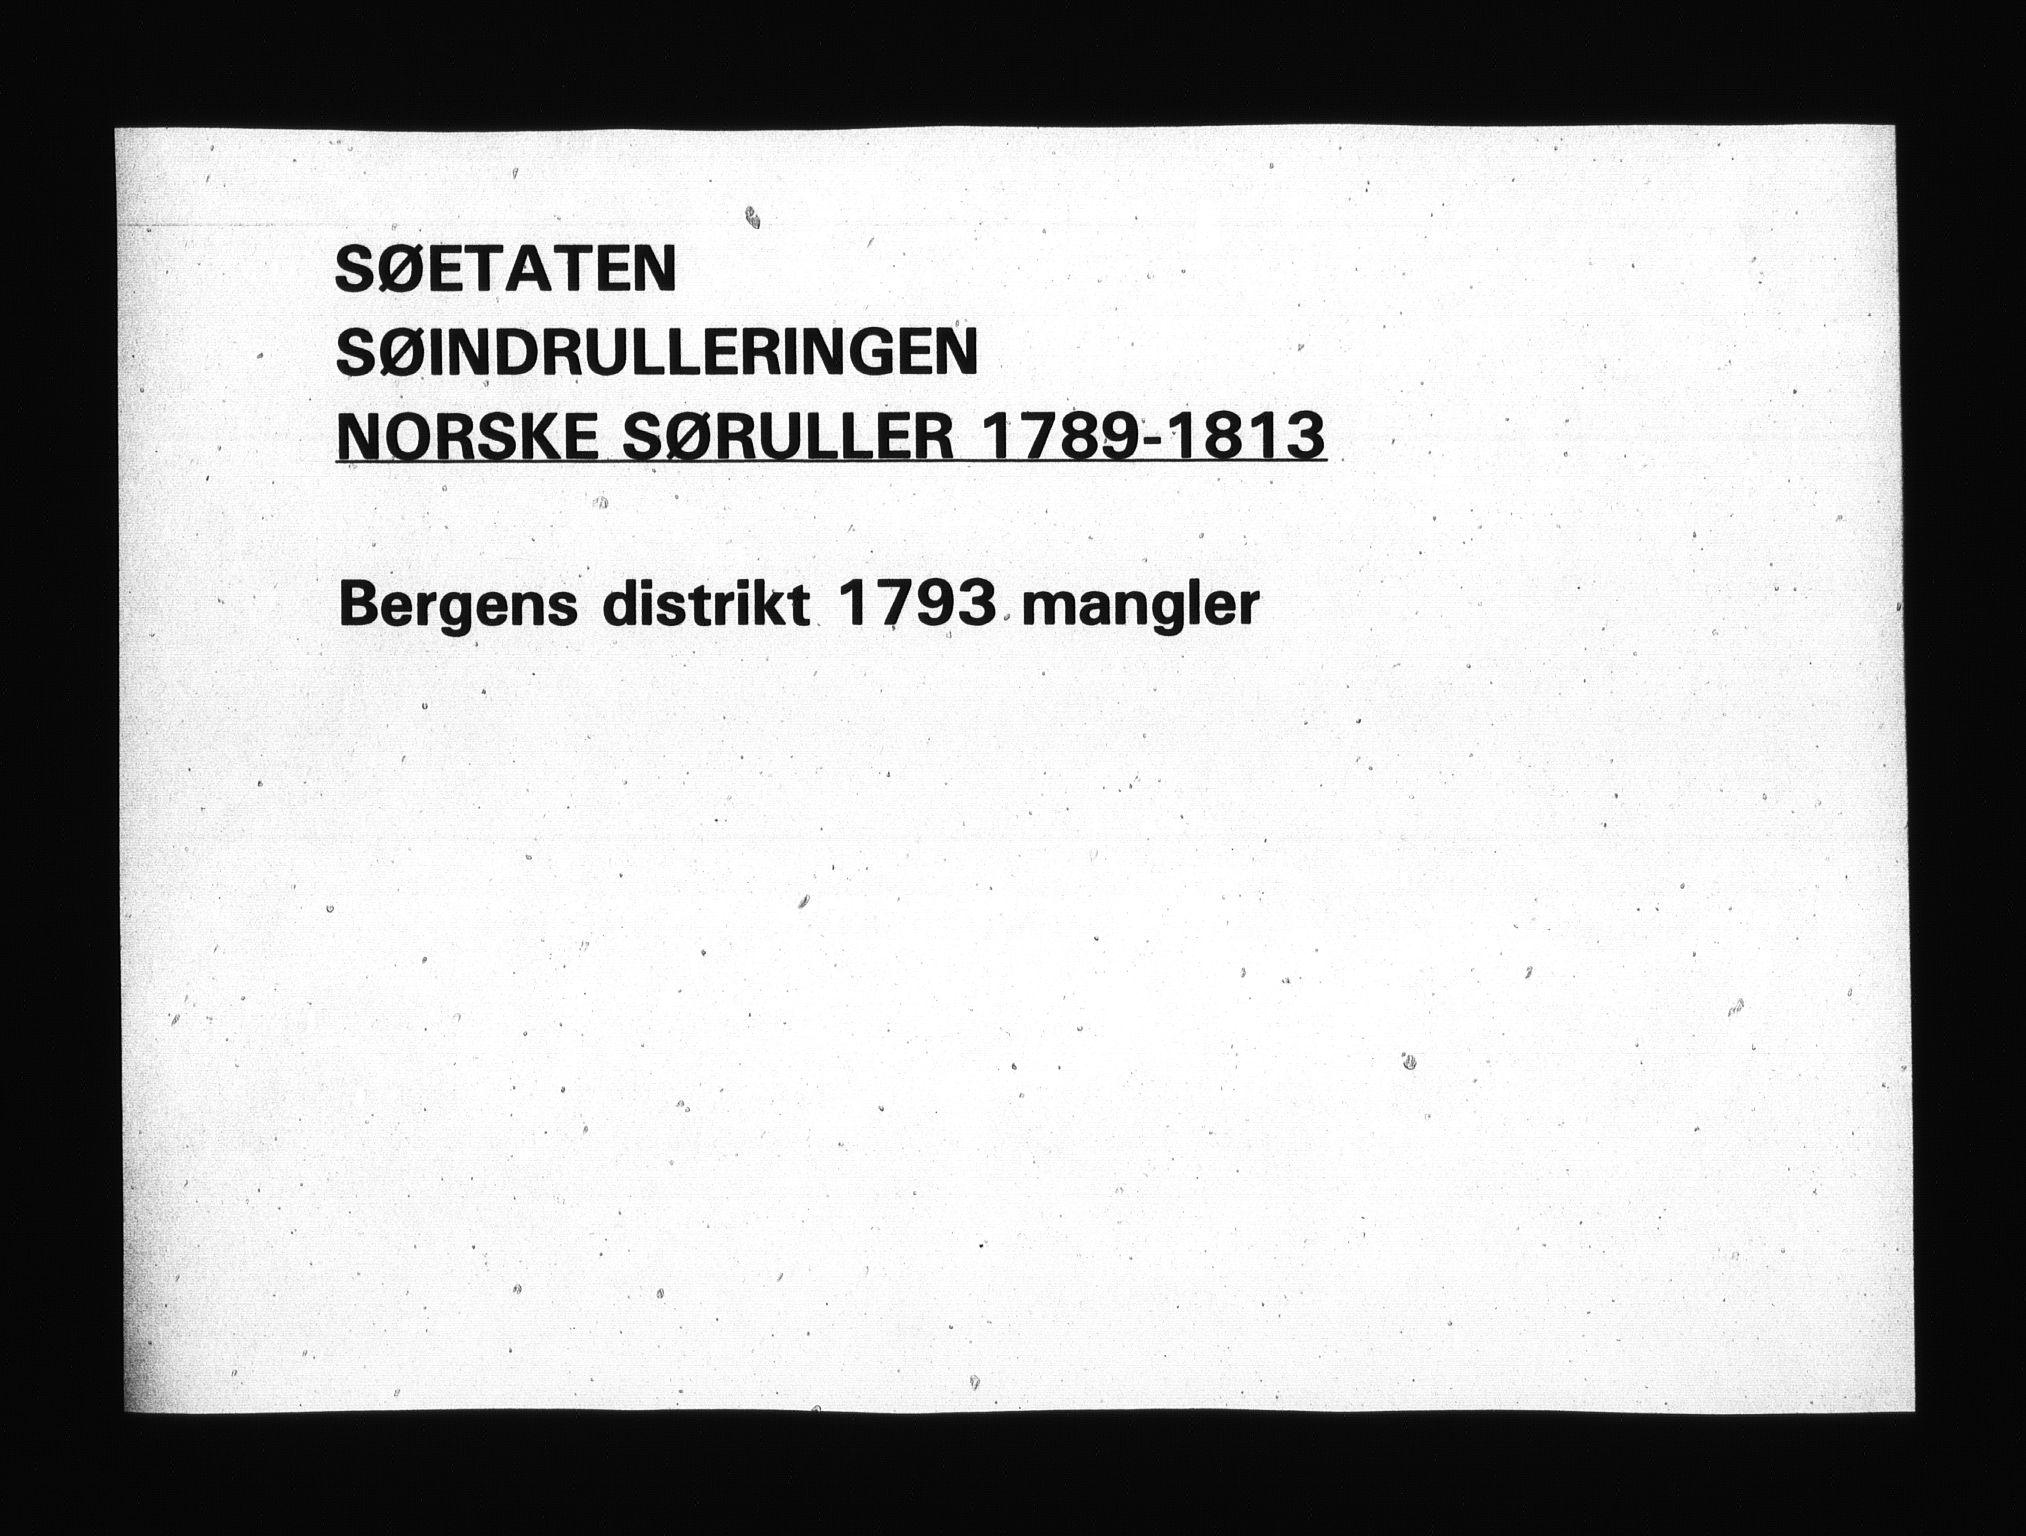 RA, Sjøetaten, F/L0218: Bergen distrikt, bind 1, 1794